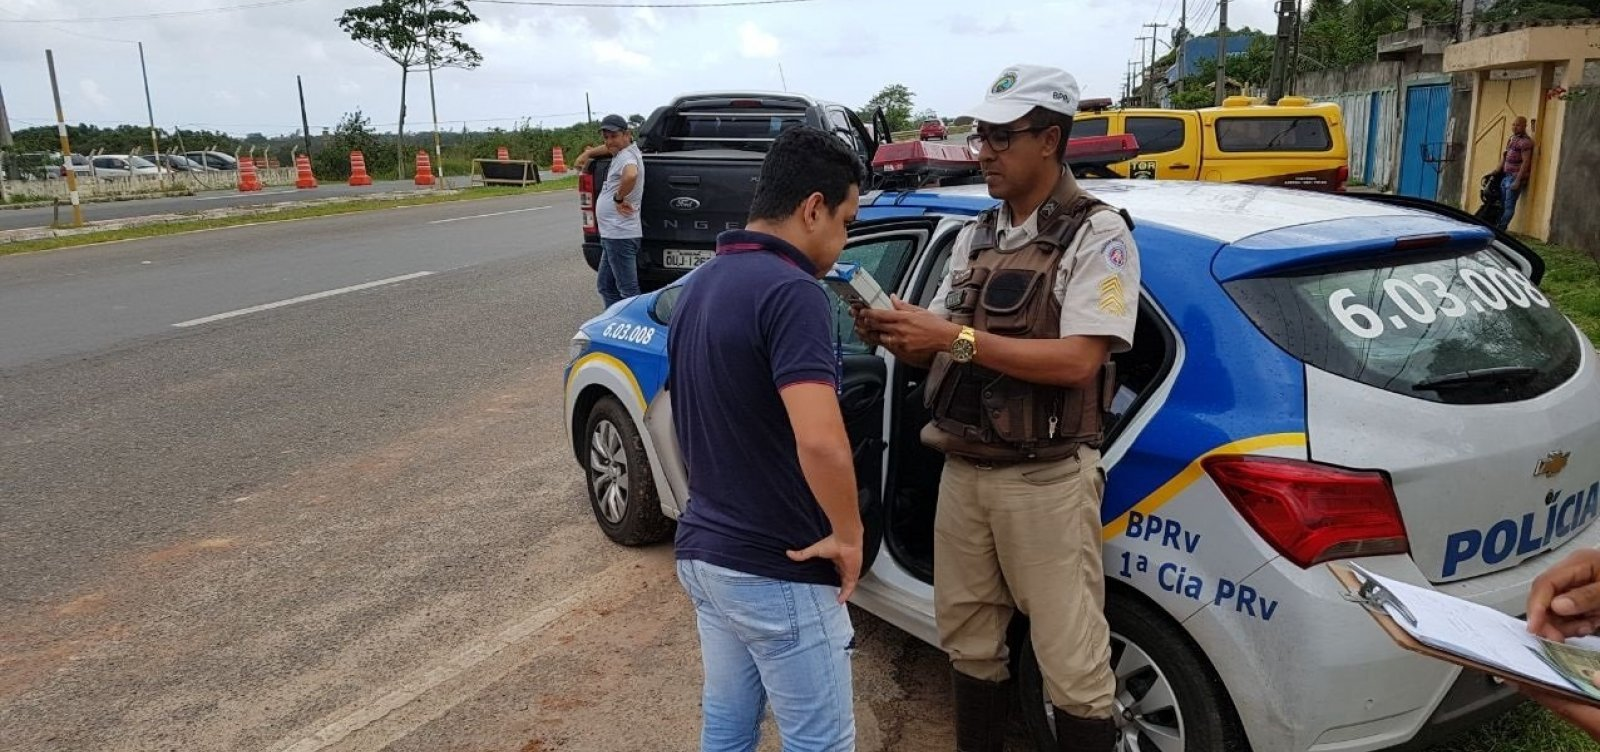 [Rodovias estaduais terão policiamento reforçado durante o Carnaval]